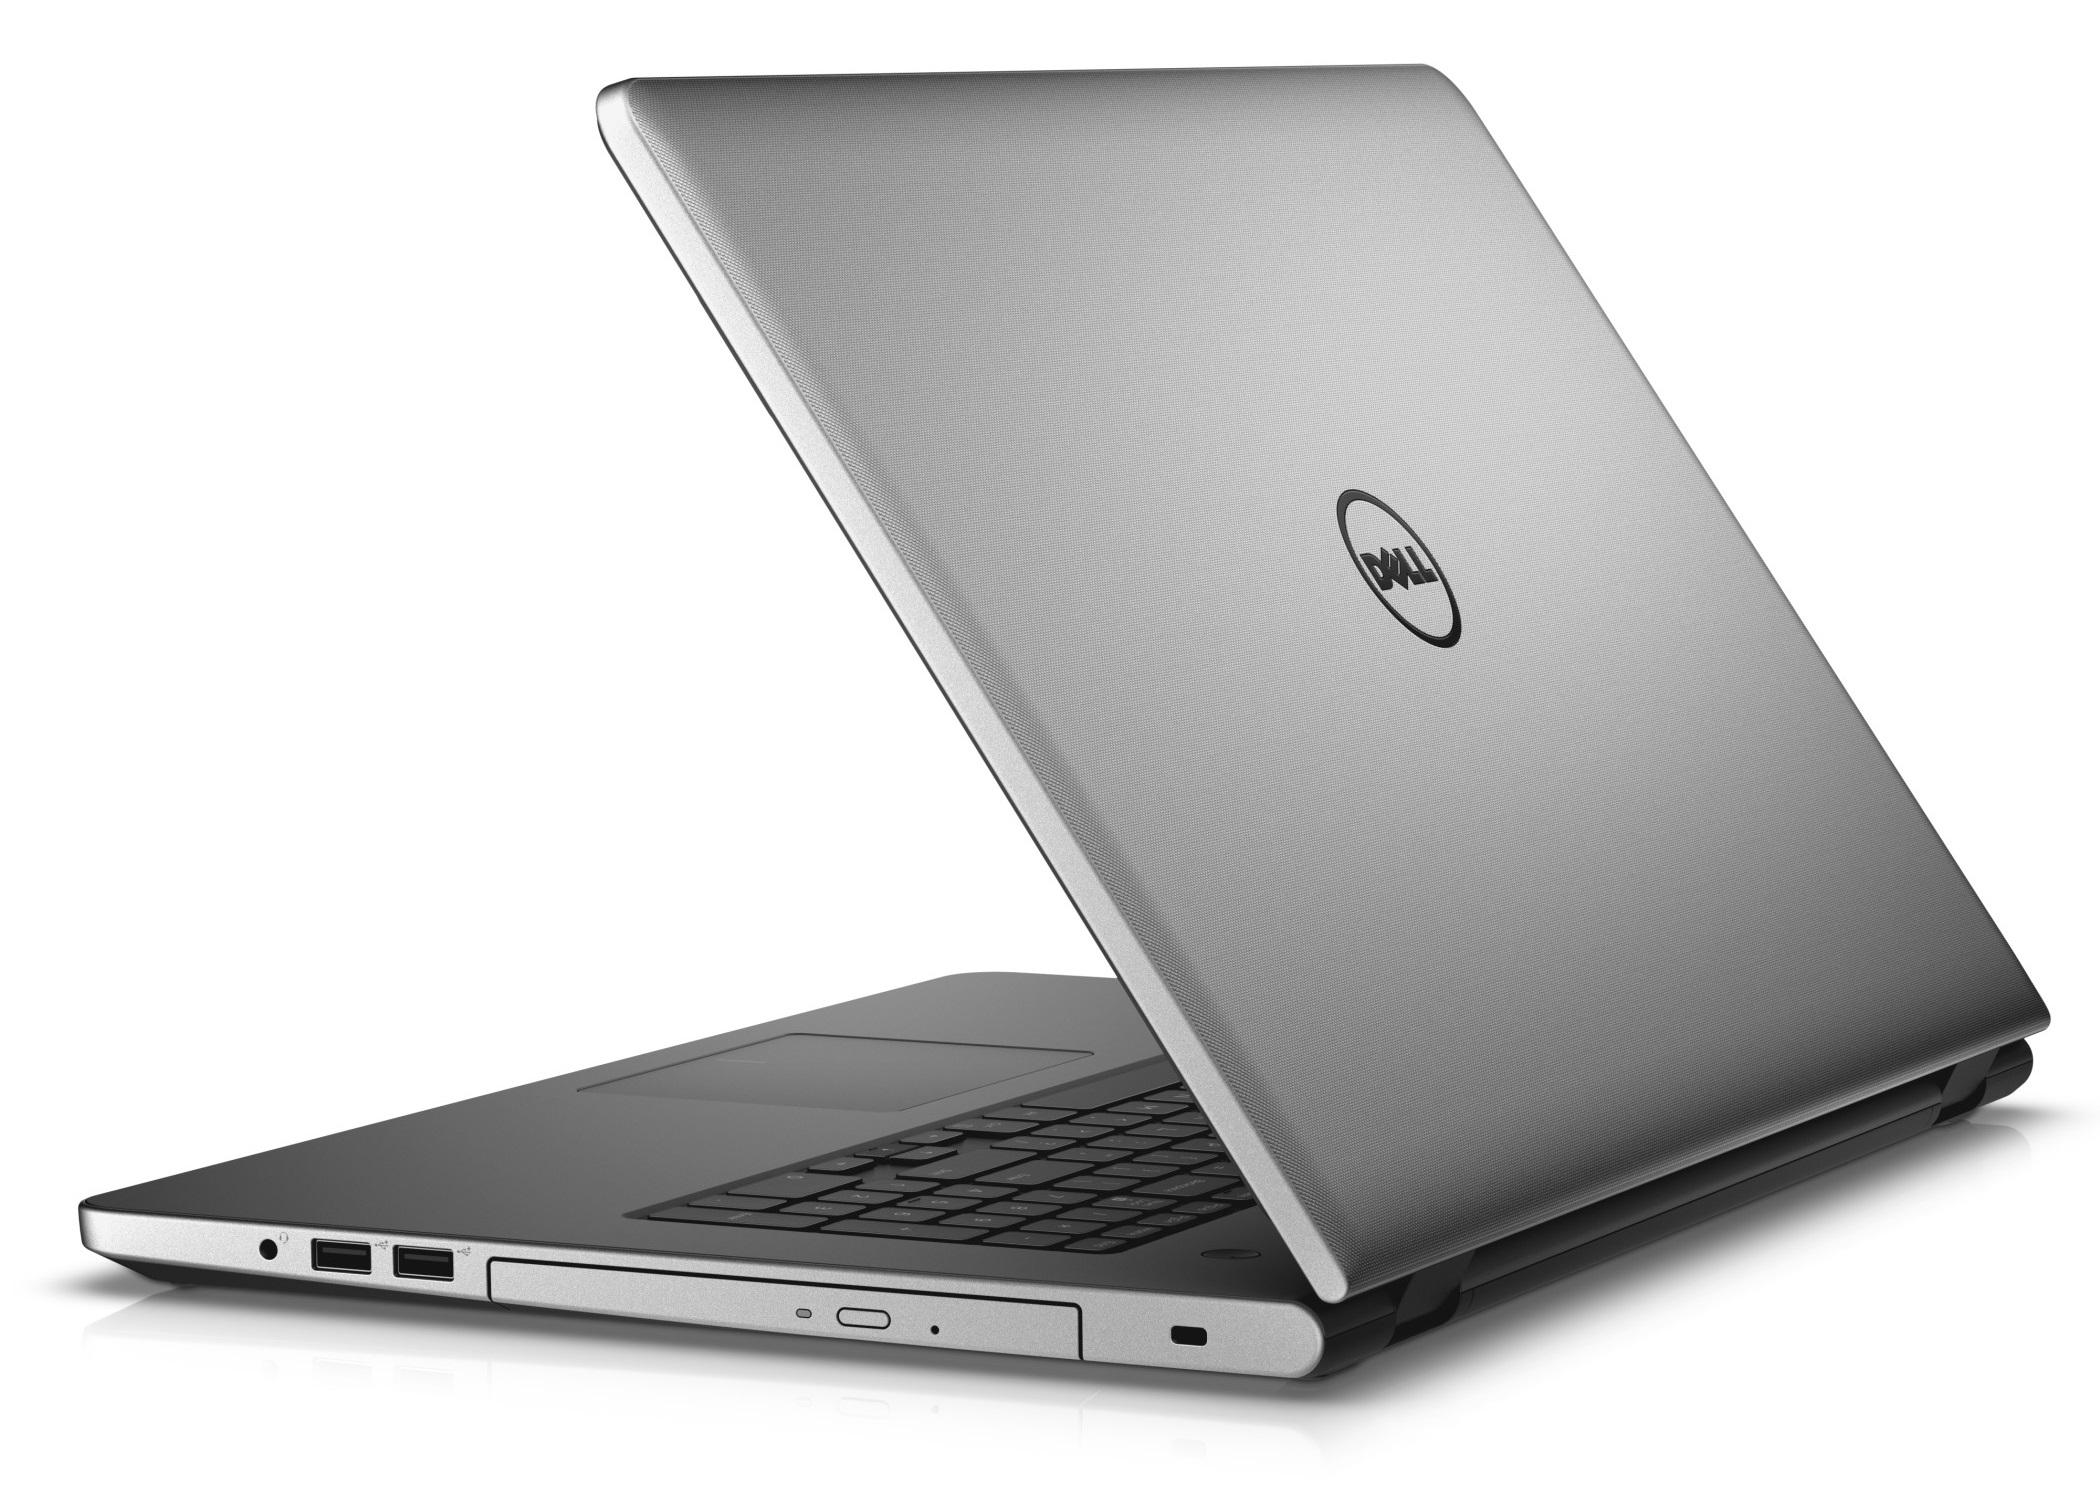 """Dell Inspiron 5759 17"""" HD+ i5-6200U/8G/1TB/M335-2G/MCR/HDMI/USB/RJ45/DVD/W10/2RND/Stříbrný"""